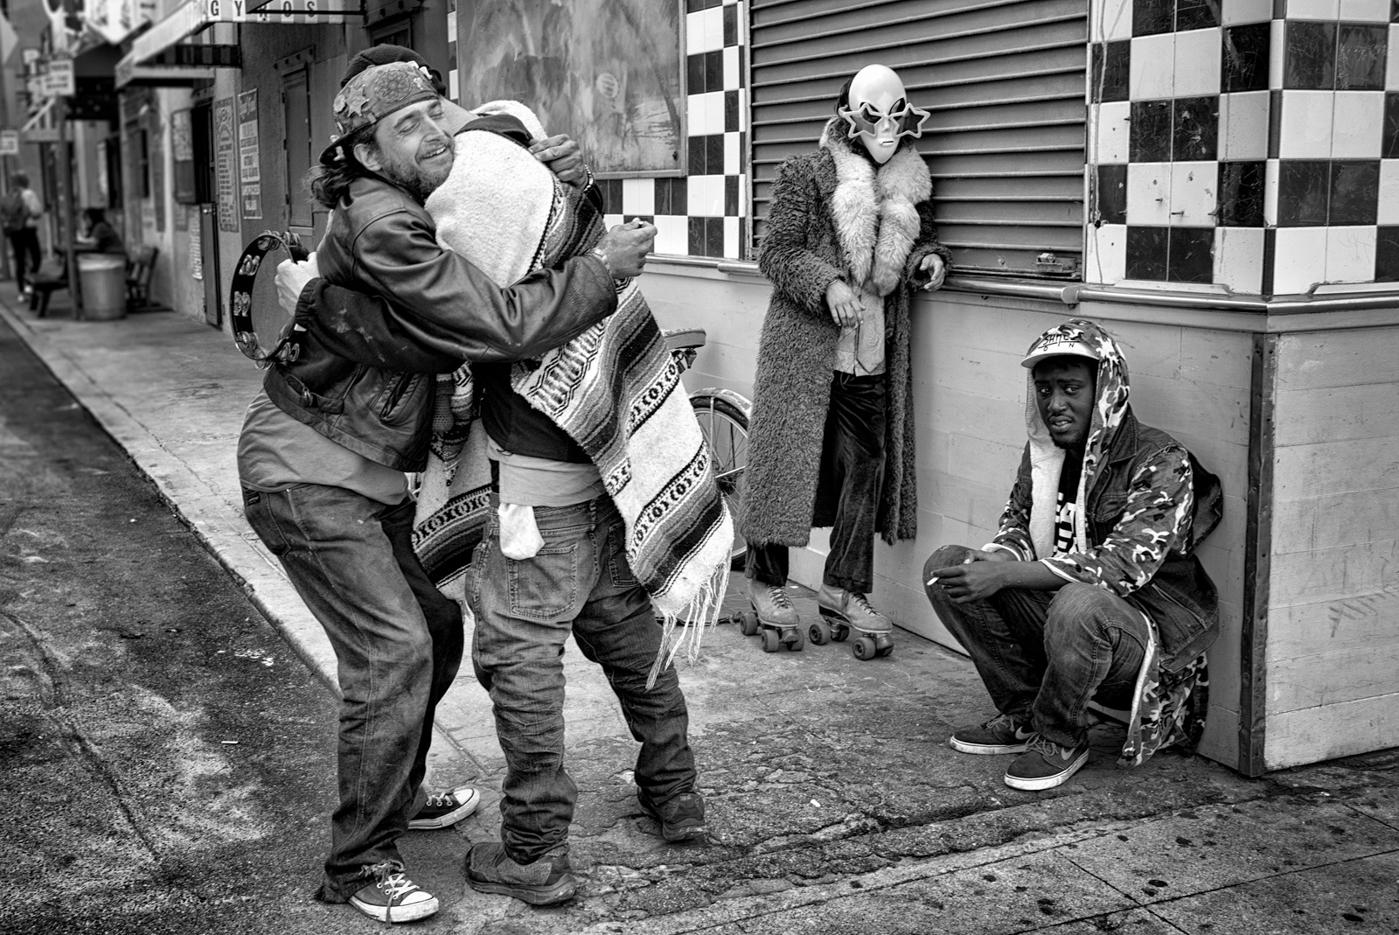 Drunken Hug © Dotan Saguy